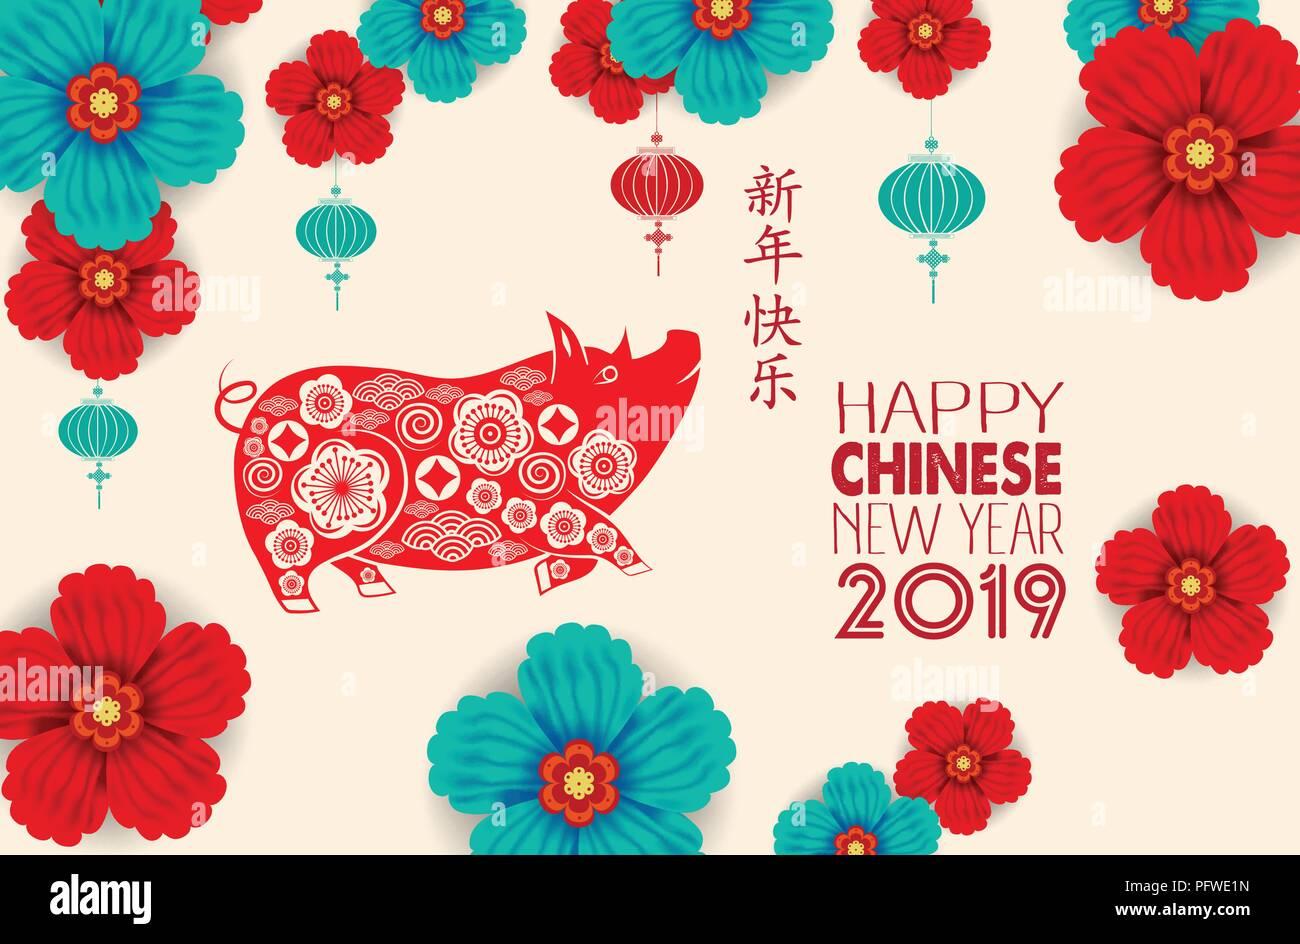 Joyeux Nouvel An Chinois 2019 Annee Du Cochon Papier Coupe Style